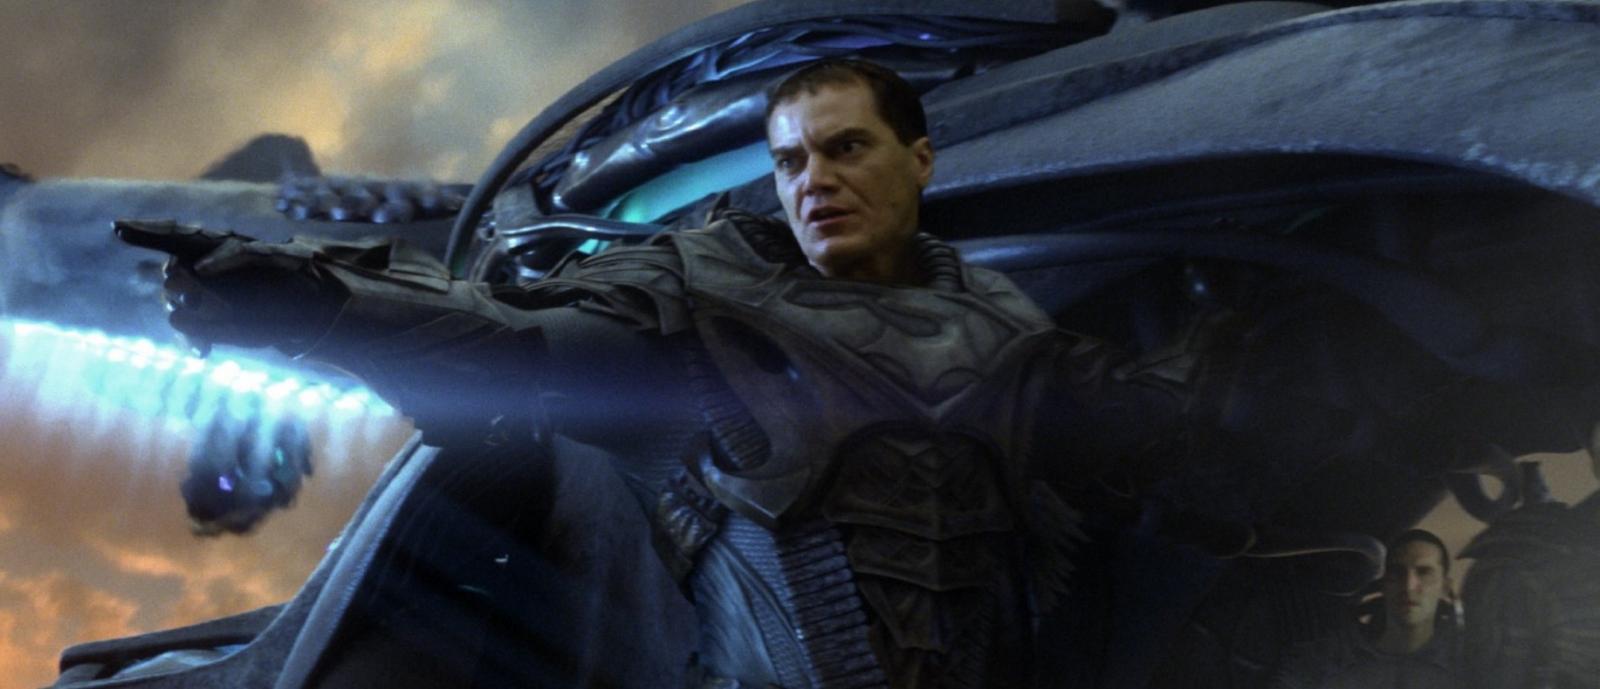 Michael Shannon in Man Of Steel